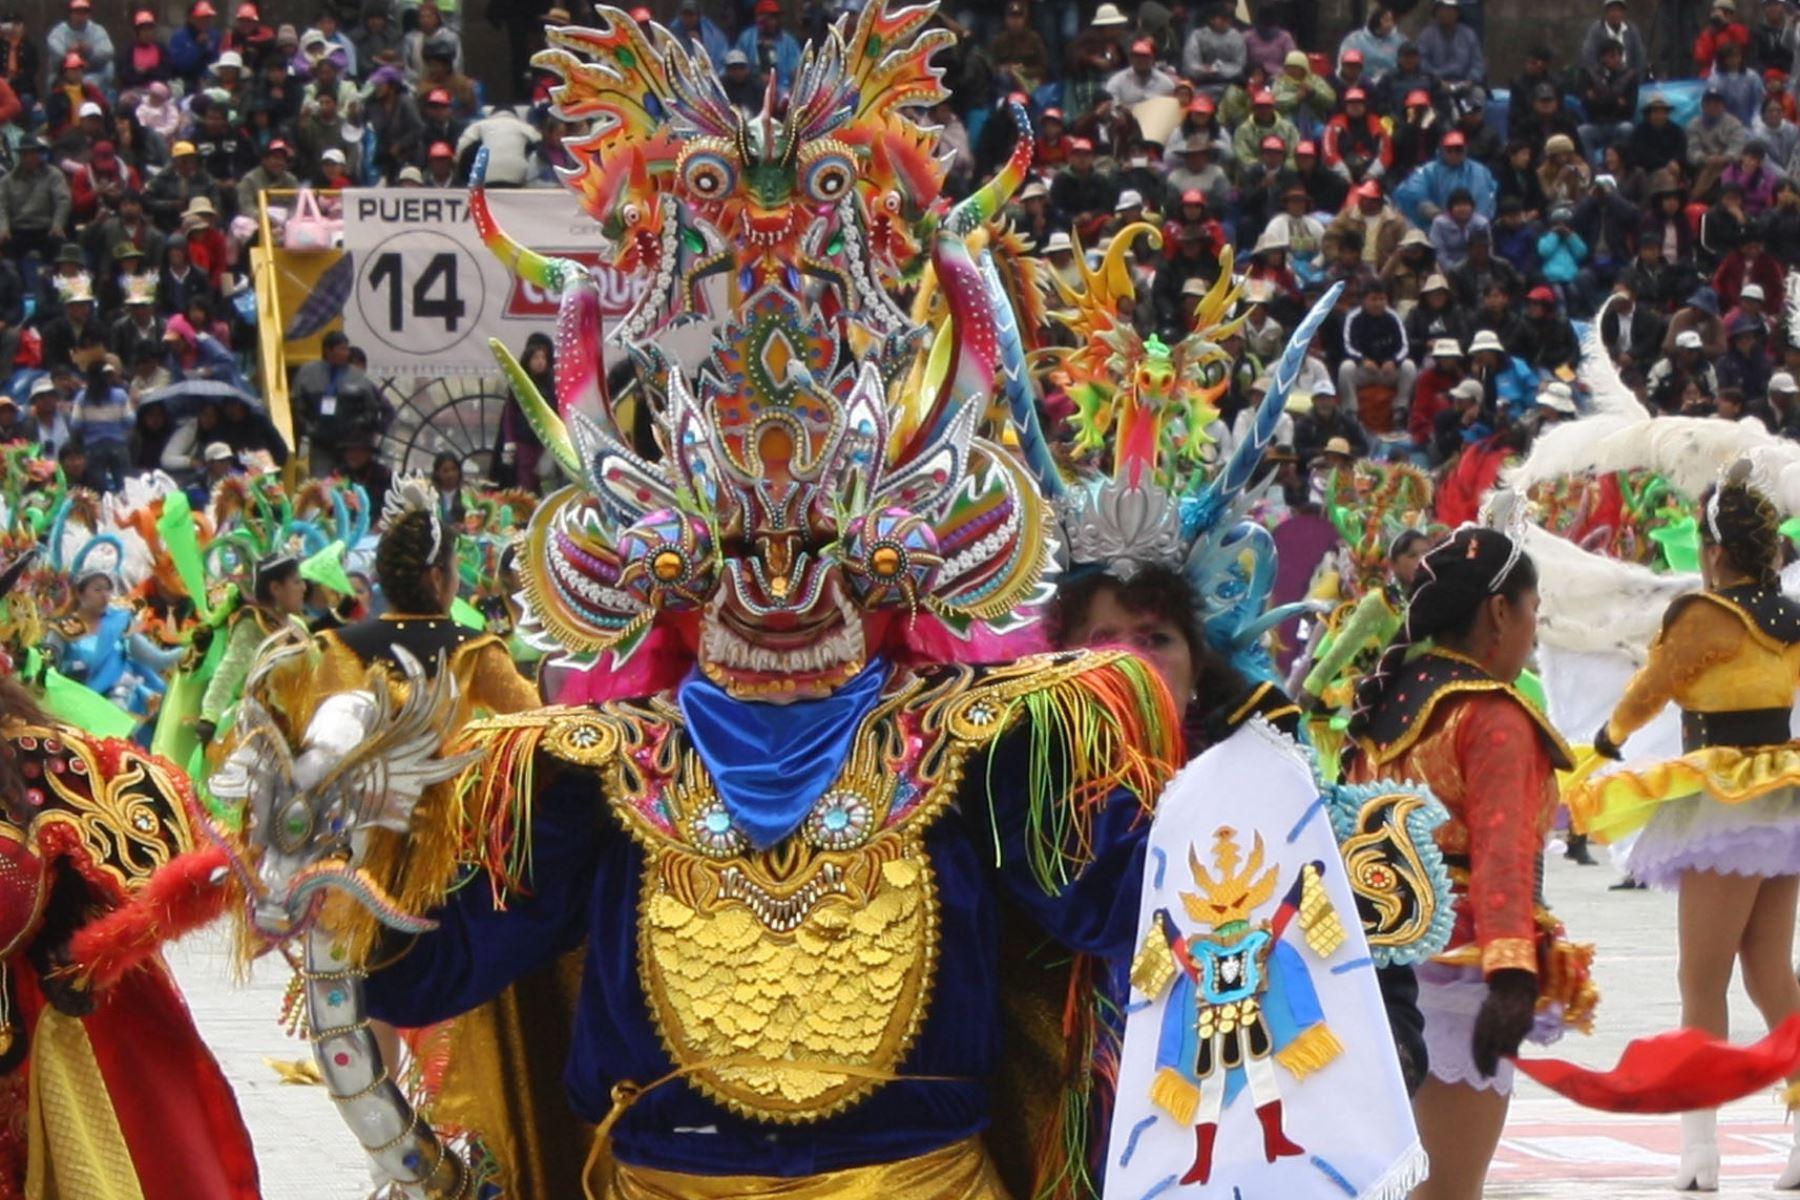 La diablada es una de las danzas que se ejecuta durante la Festividad de la Virgen de la Candelaria en Puno. Foto: Ministerio de Cultura